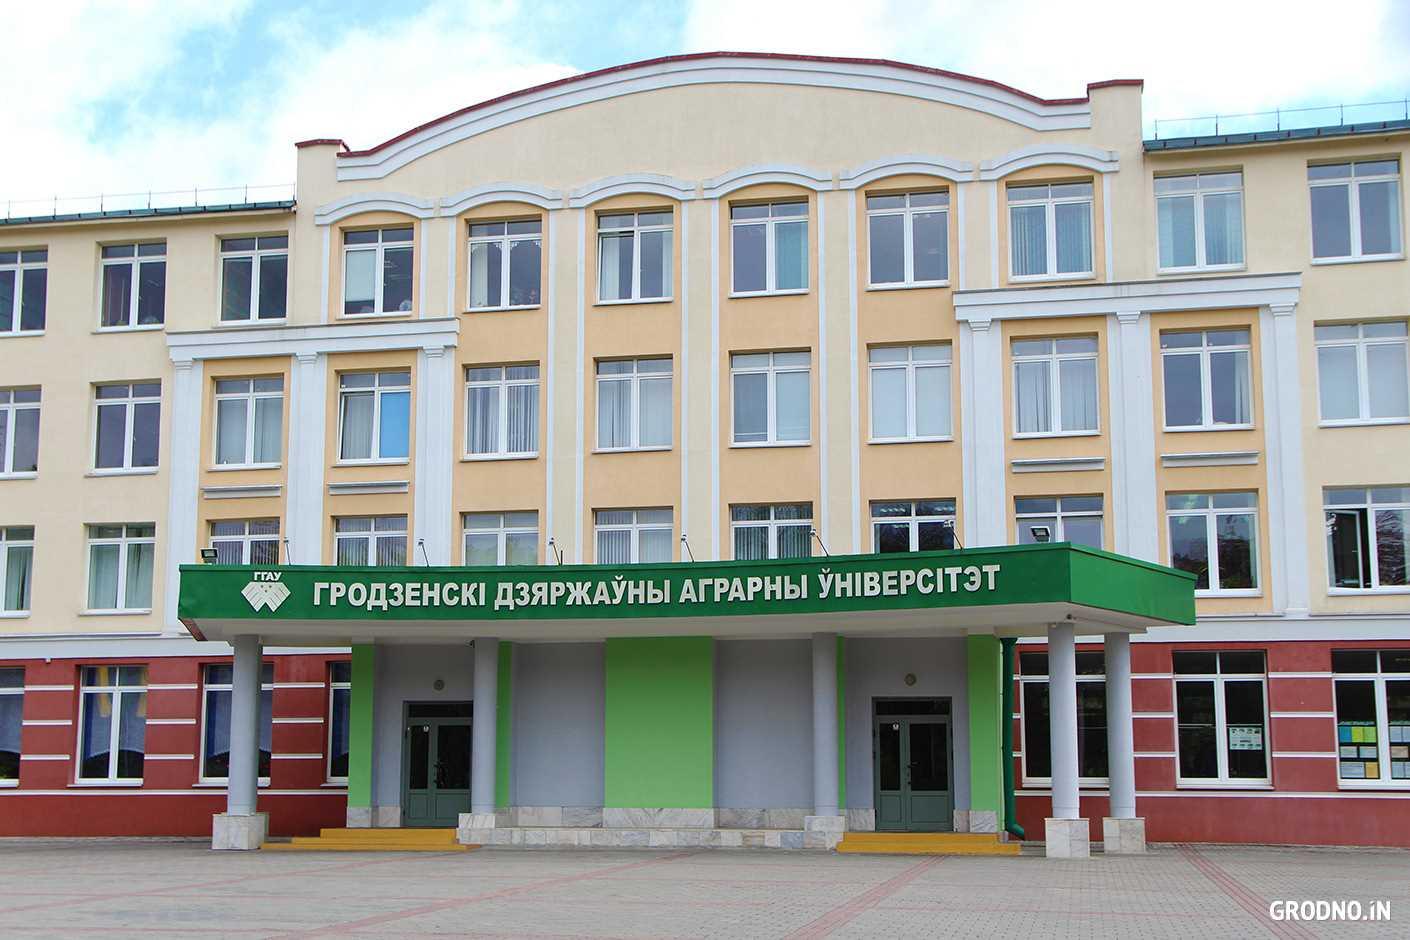 Вспышка коронавируса произошла в Гродненском государственном аграрном университете